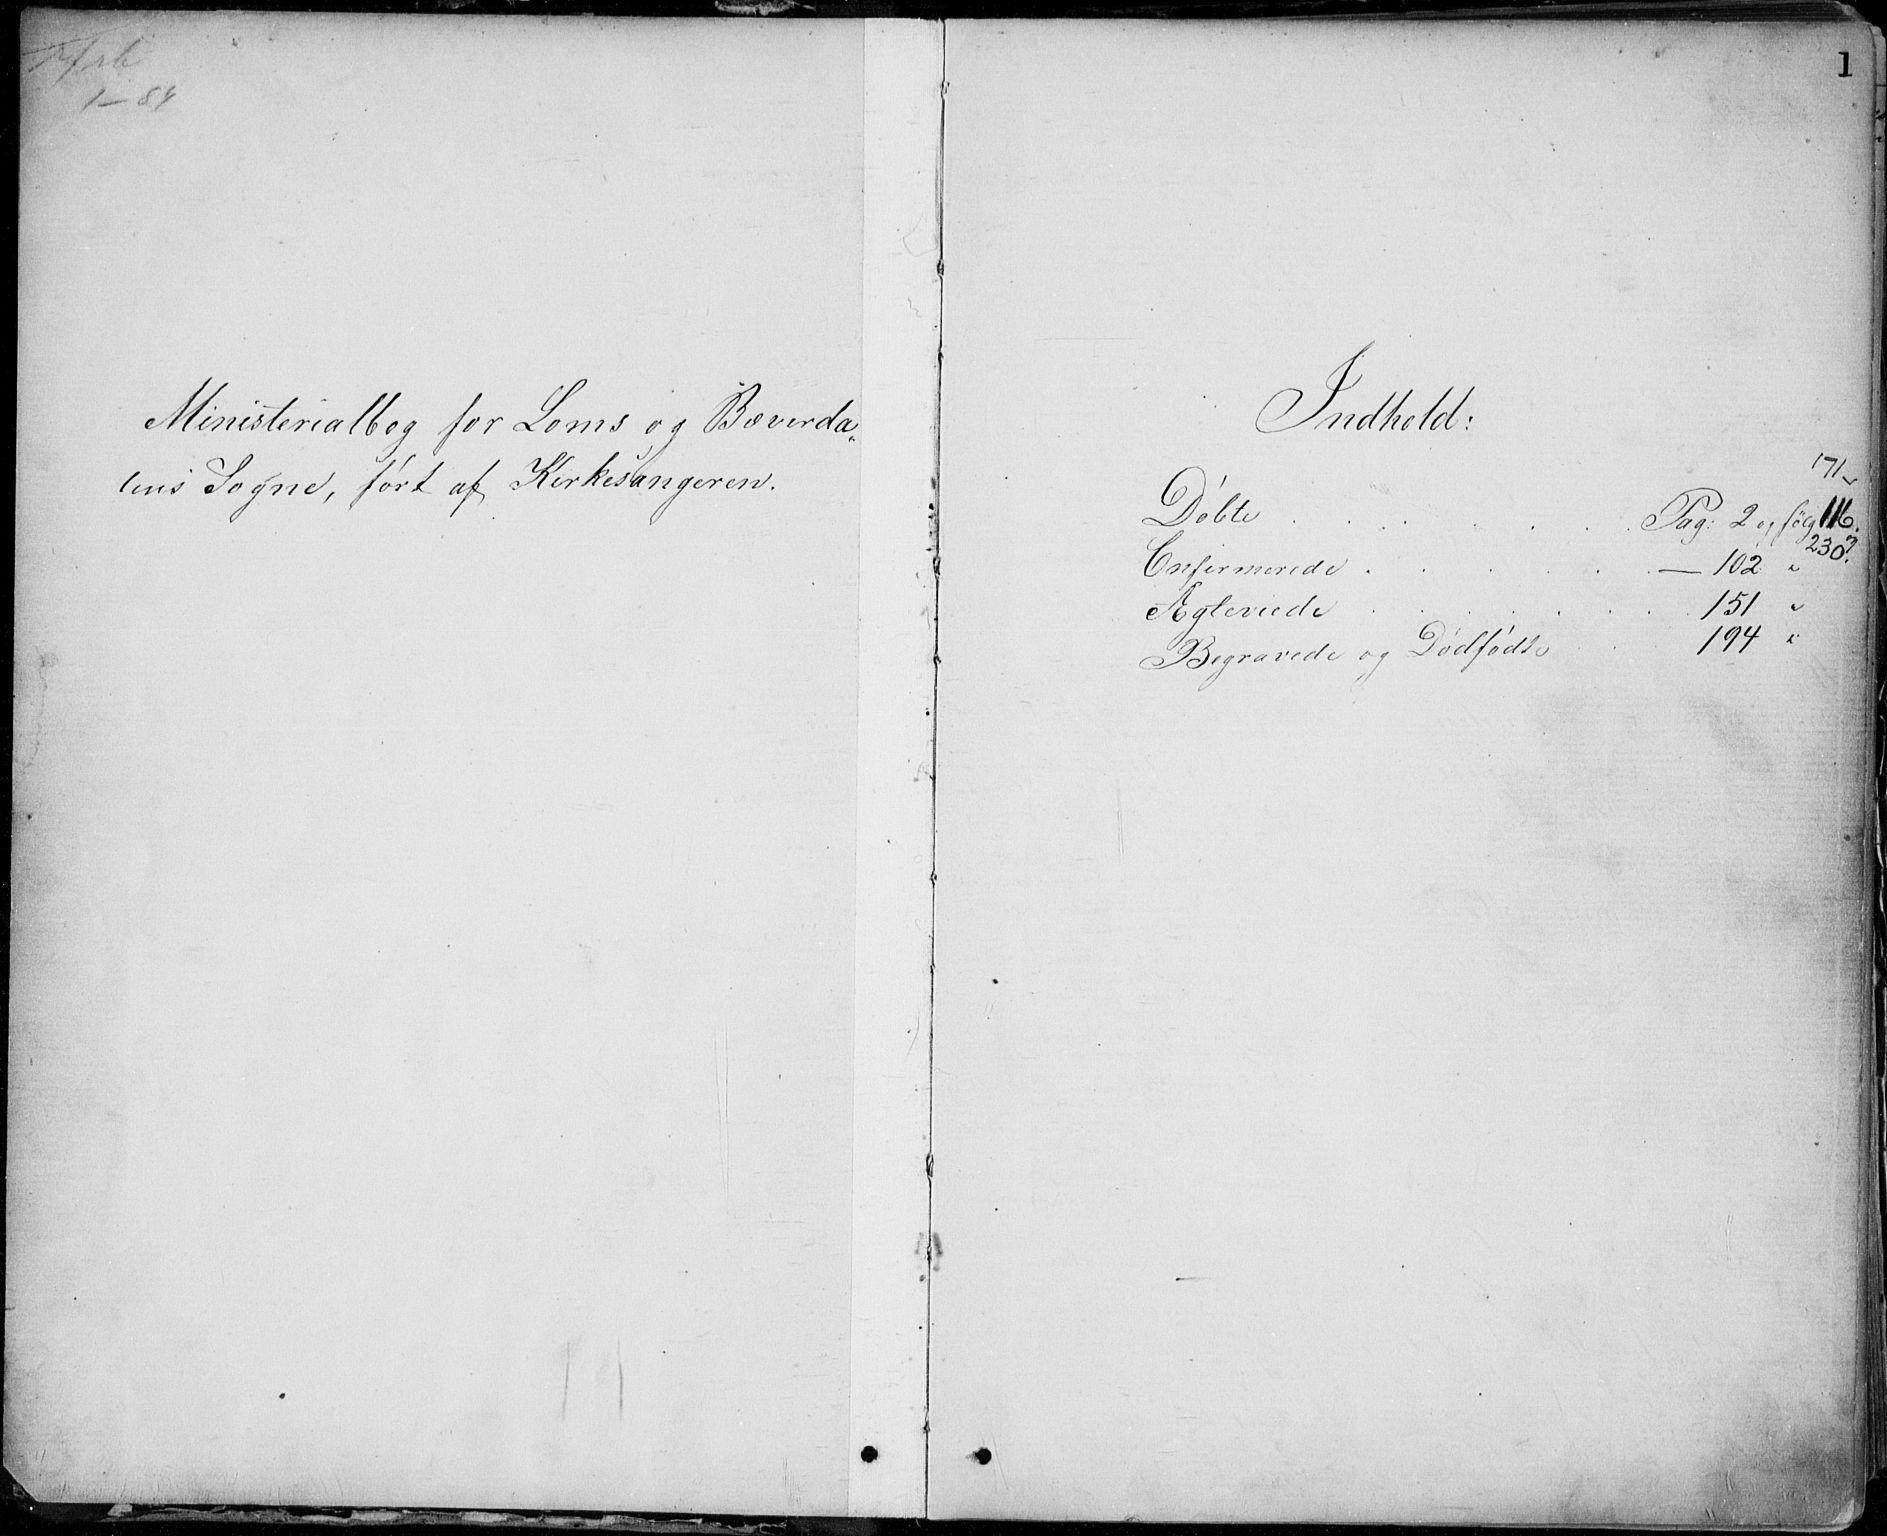 SAH, Lom prestekontor, L/L0013: Klokkerbok nr. 13, 1874-1938, s. 1